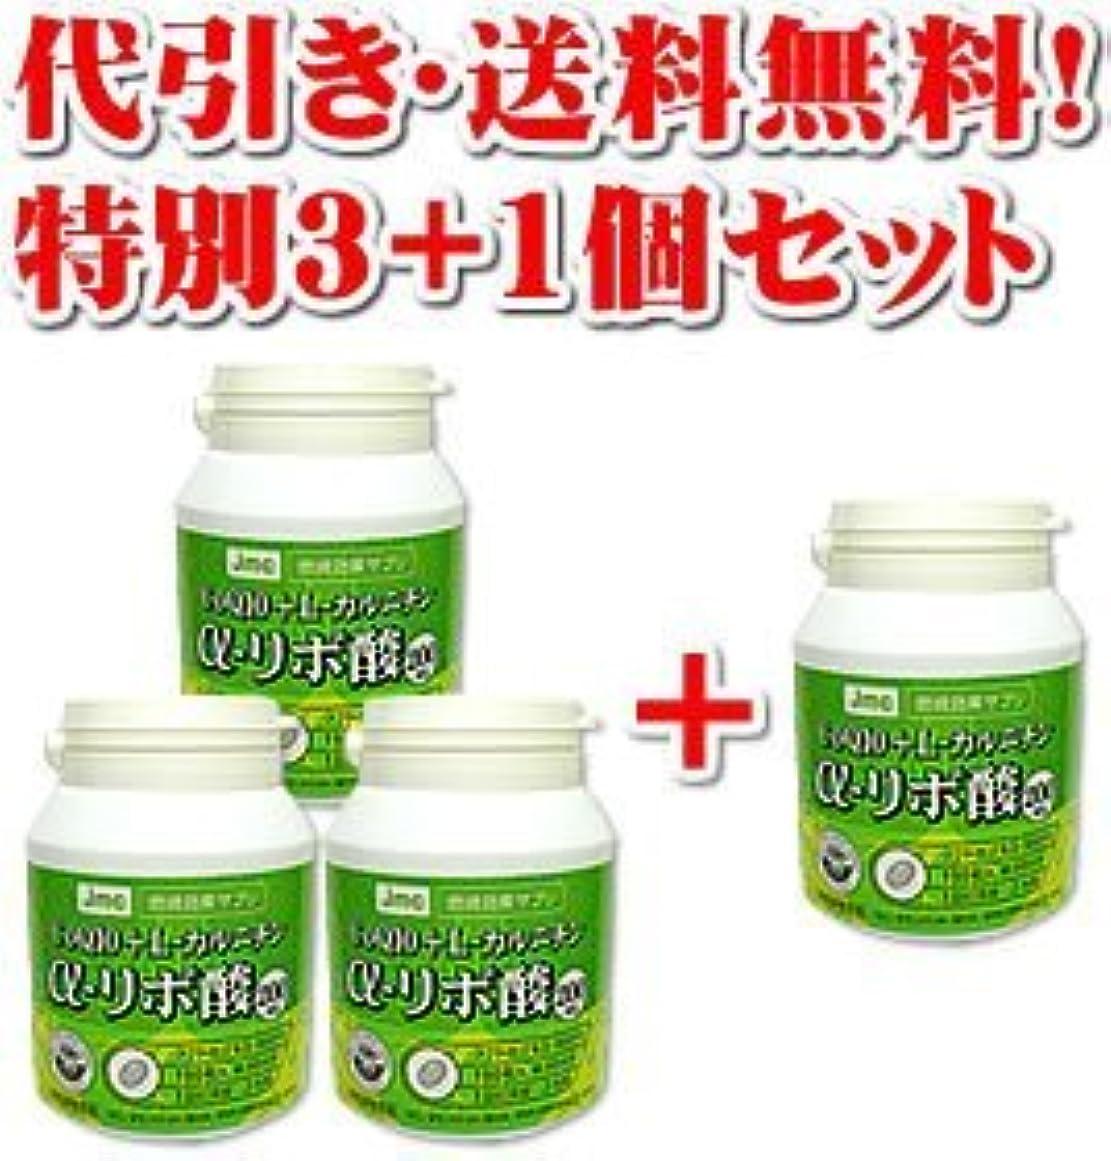 徐々に平らにするどこα-リポ酸200mg(ダイエットの4大成分を1粒に凝縮)4個セット